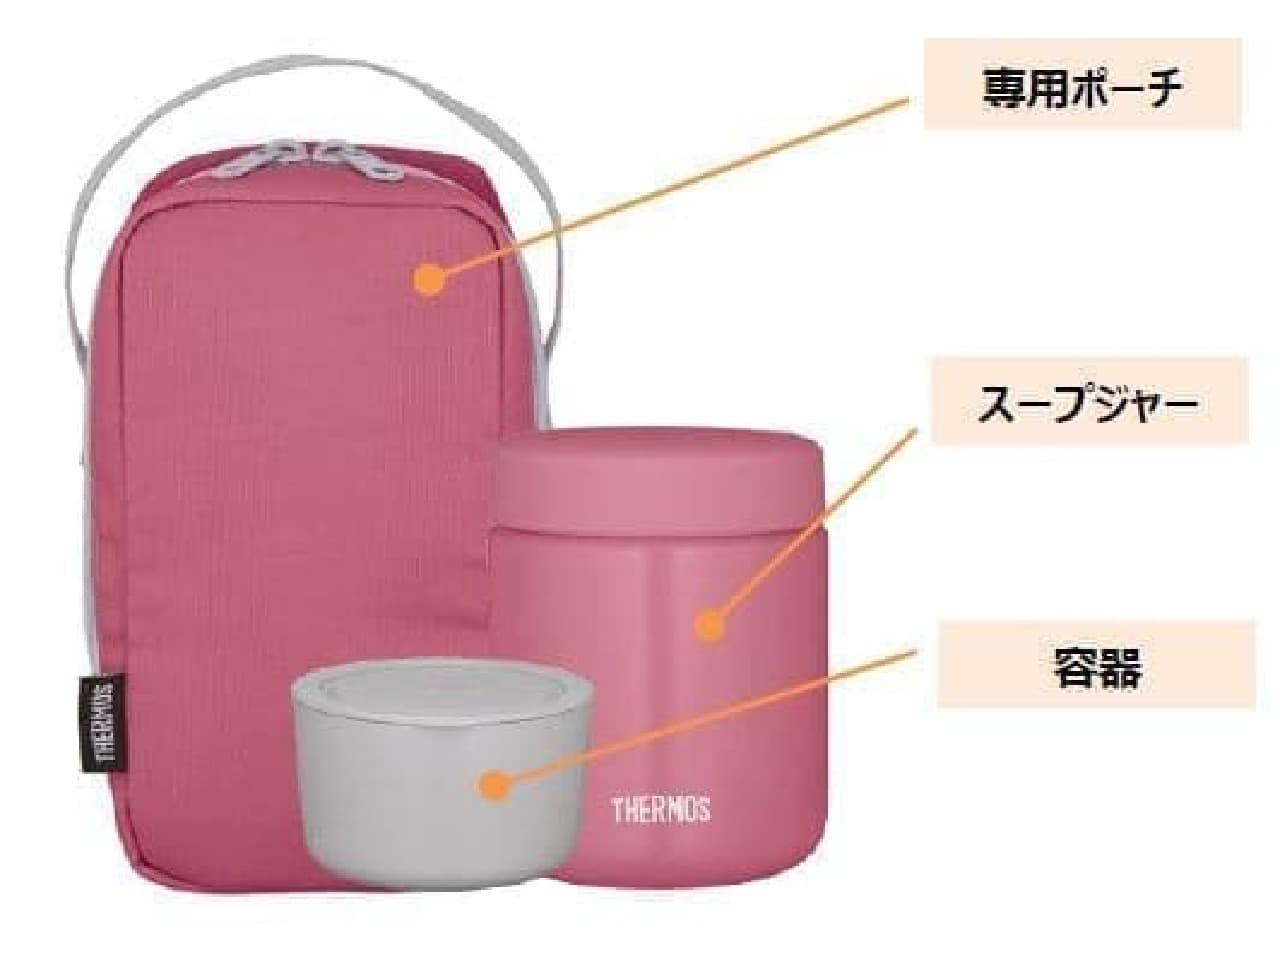 カレーやパスタ弁当にも♪ 「真空断熱スープランチセット」がサーモスから -- スープジャー&容器の便利なセット